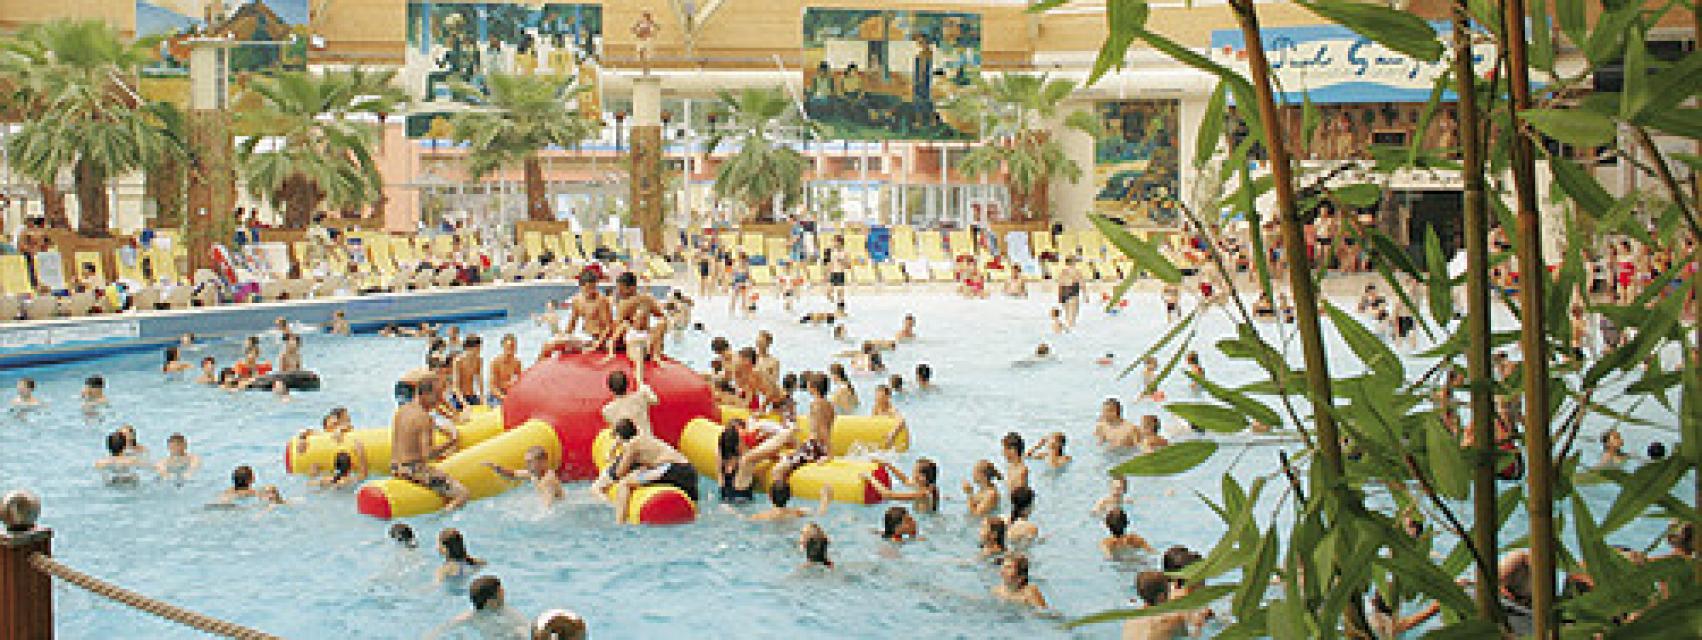 Kristall Palm Beach: Freizeitbad und Therme